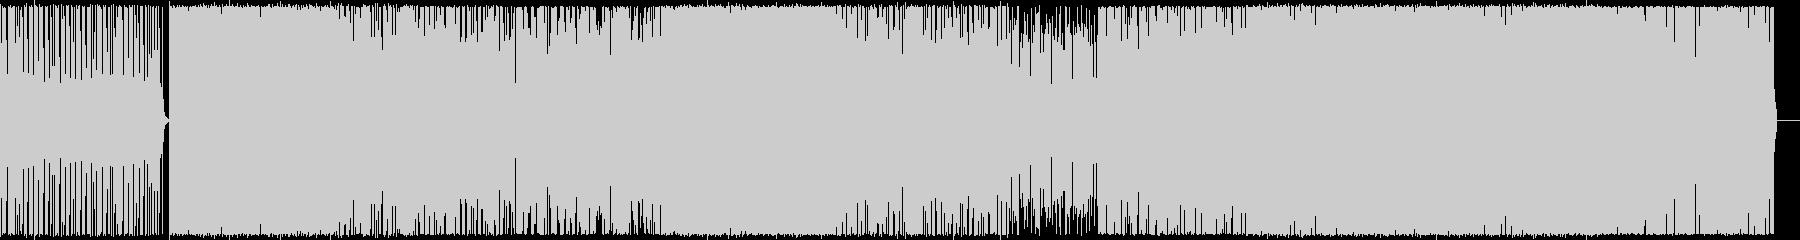 【ドラム抜き】三味線主体のかっこいい和…の未再生の波形